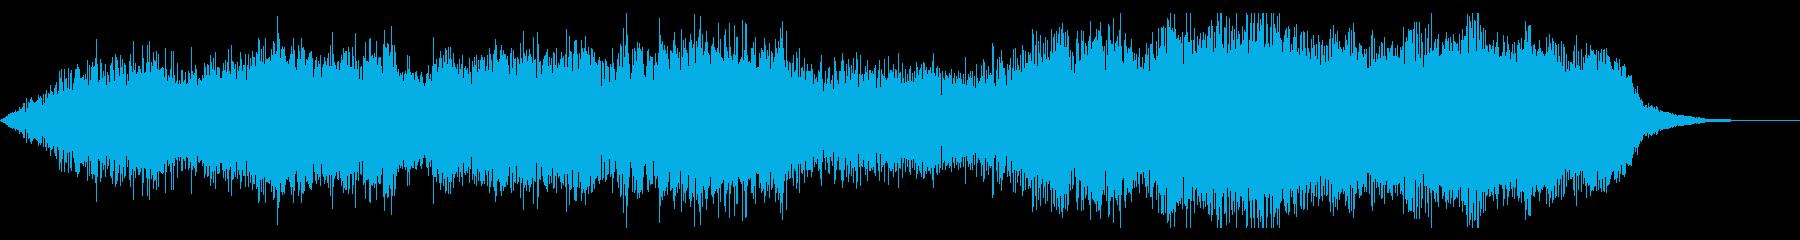 ダークでシネマチックなジングルの再生済みの波形